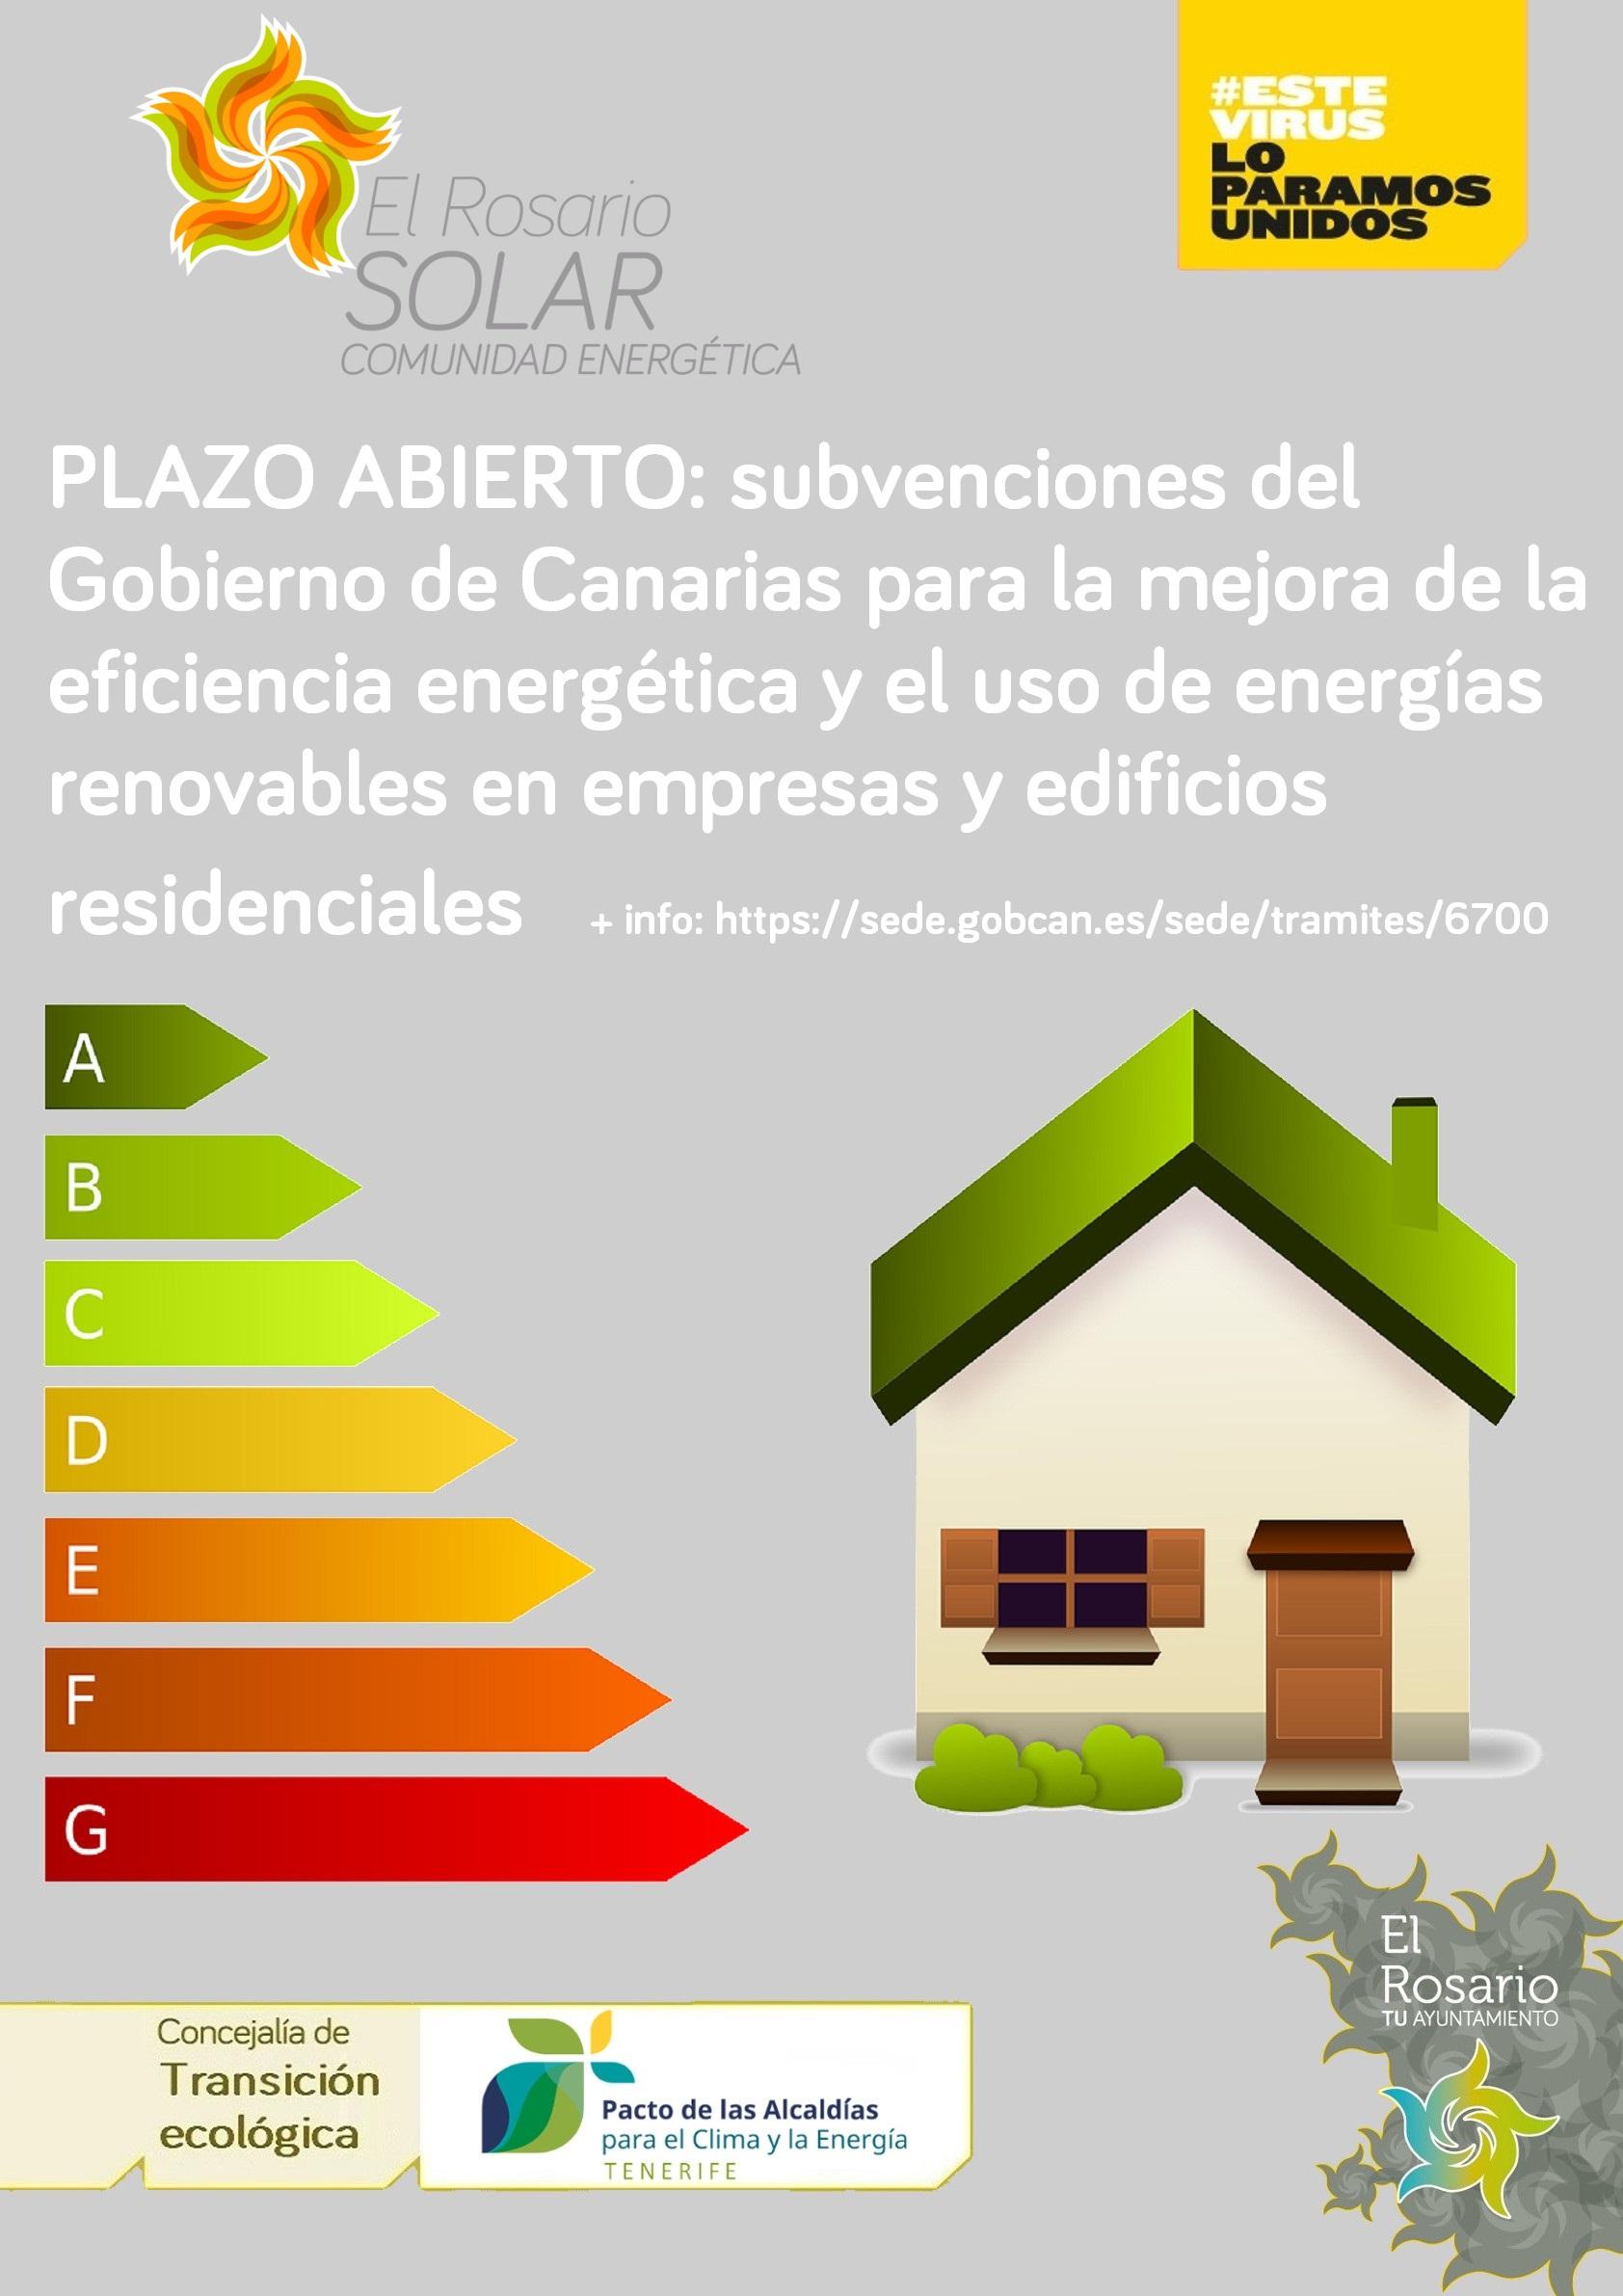 energy-efficiency-154006_1280 - copiabb